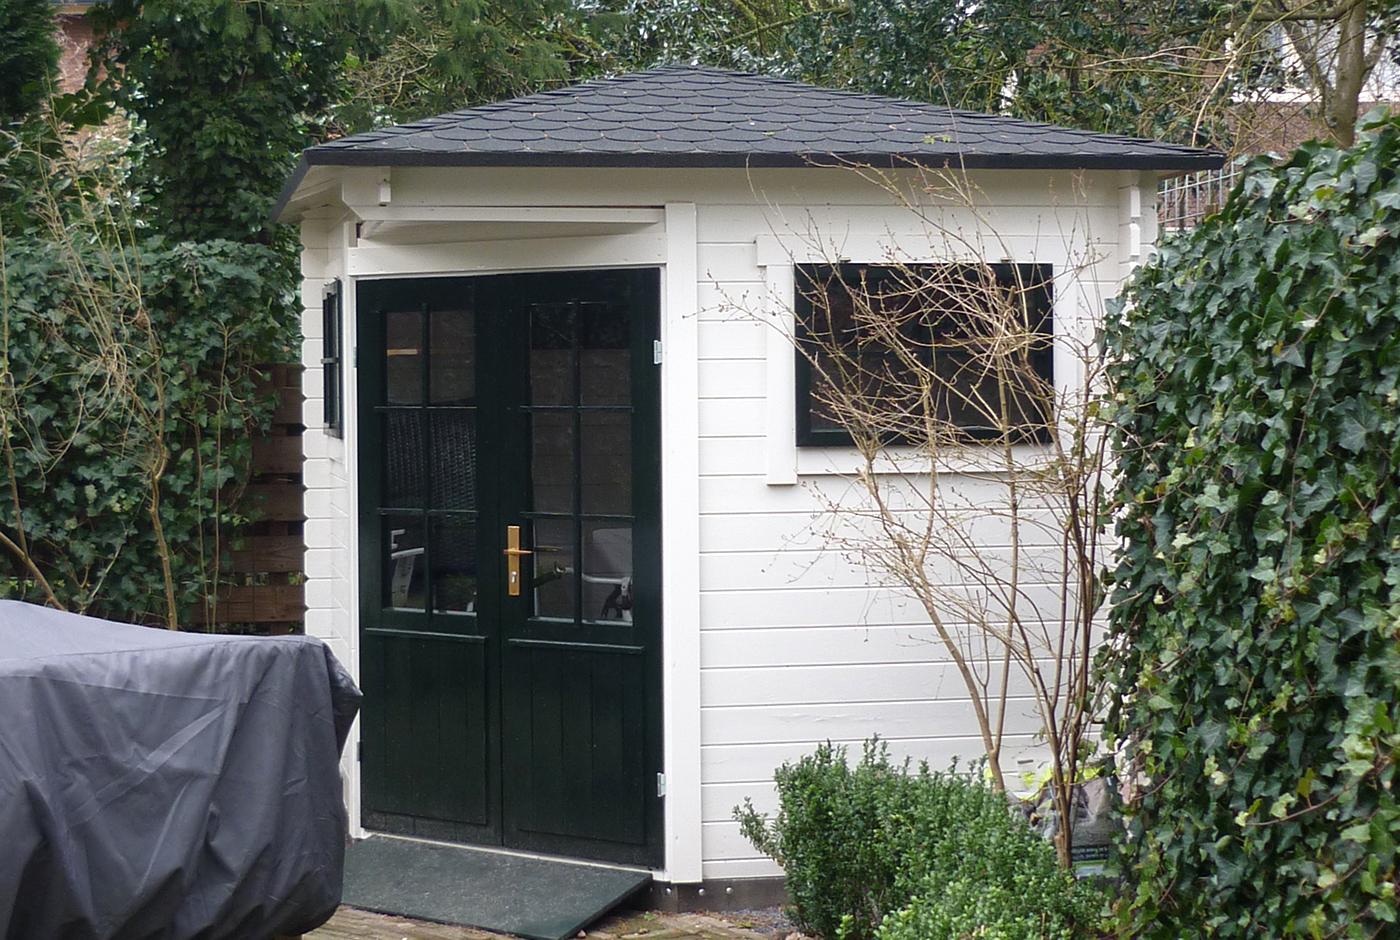 Kleines Gartenhaus Für Einen Kleinen Garten Richtig In Szene Setzen